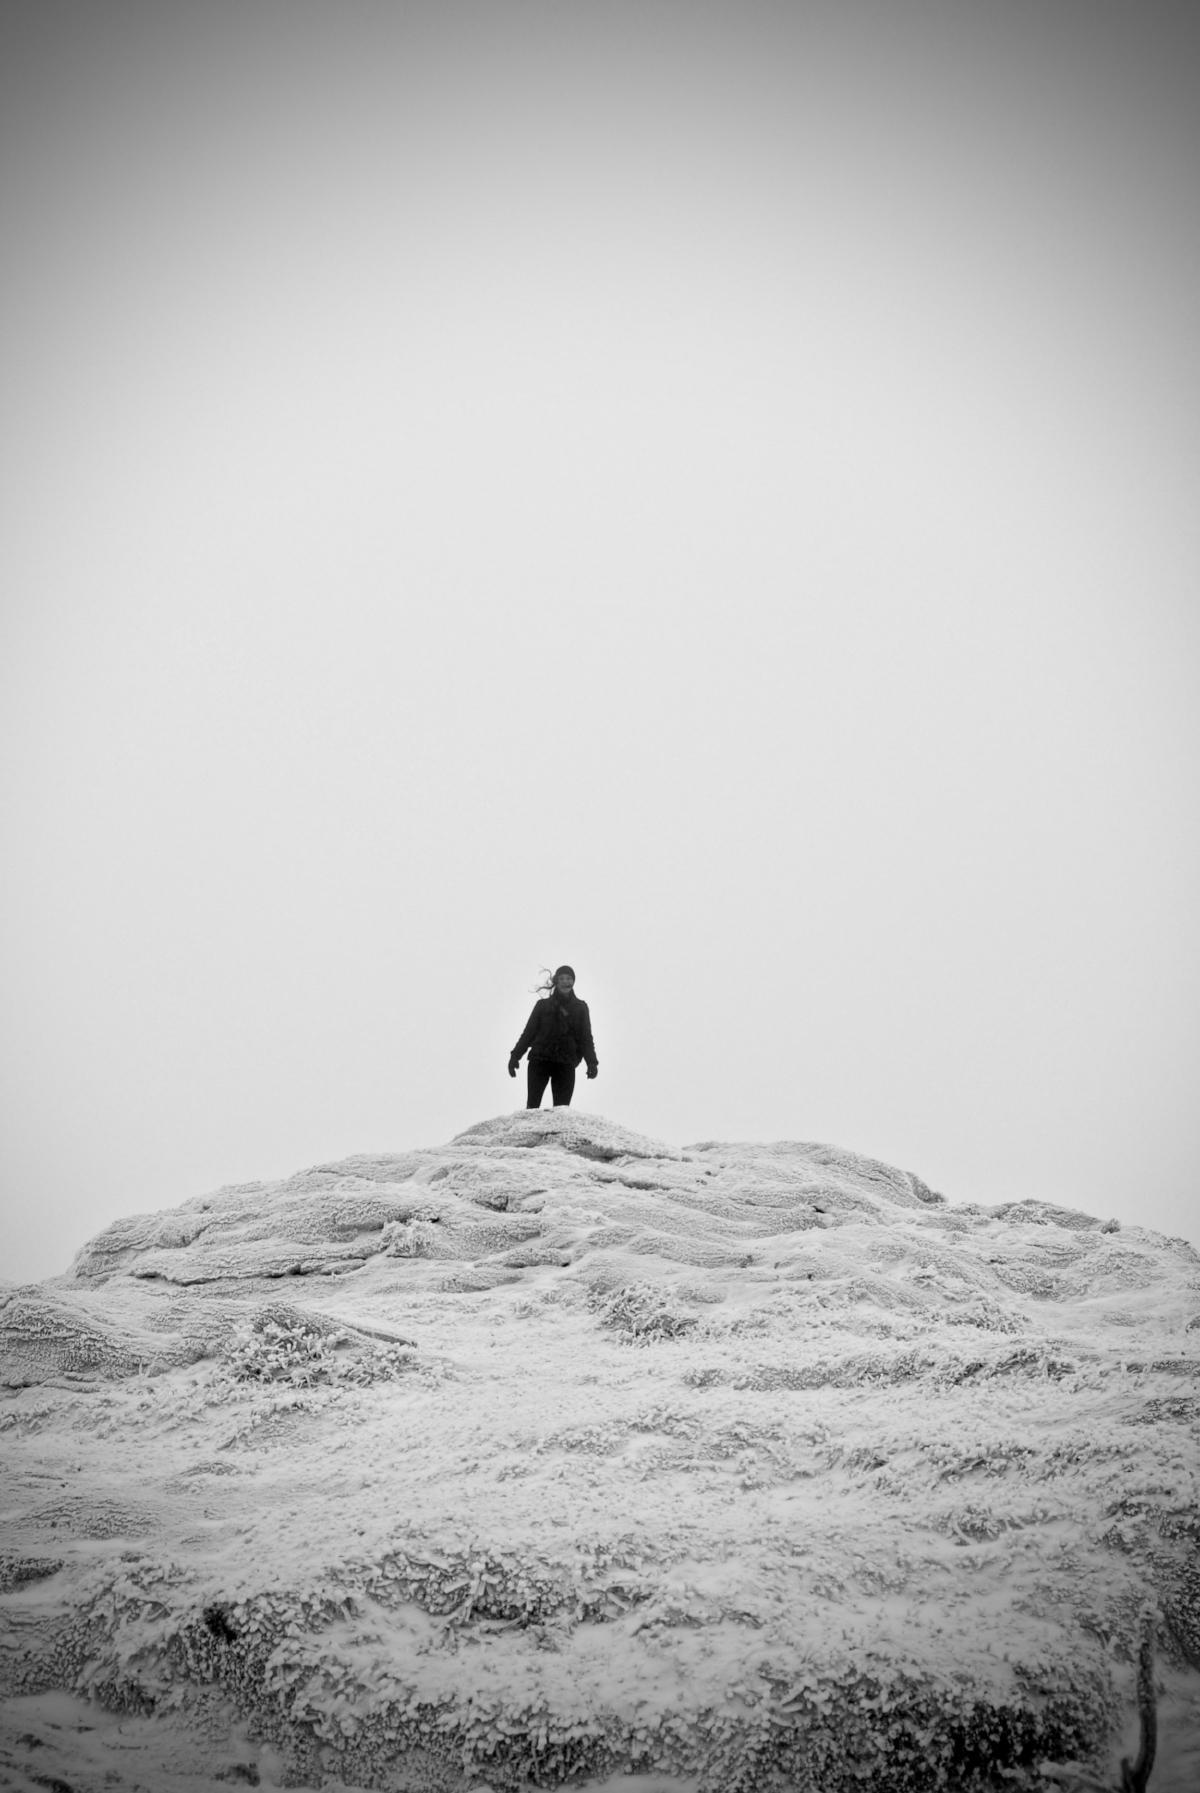 Sara on the summit